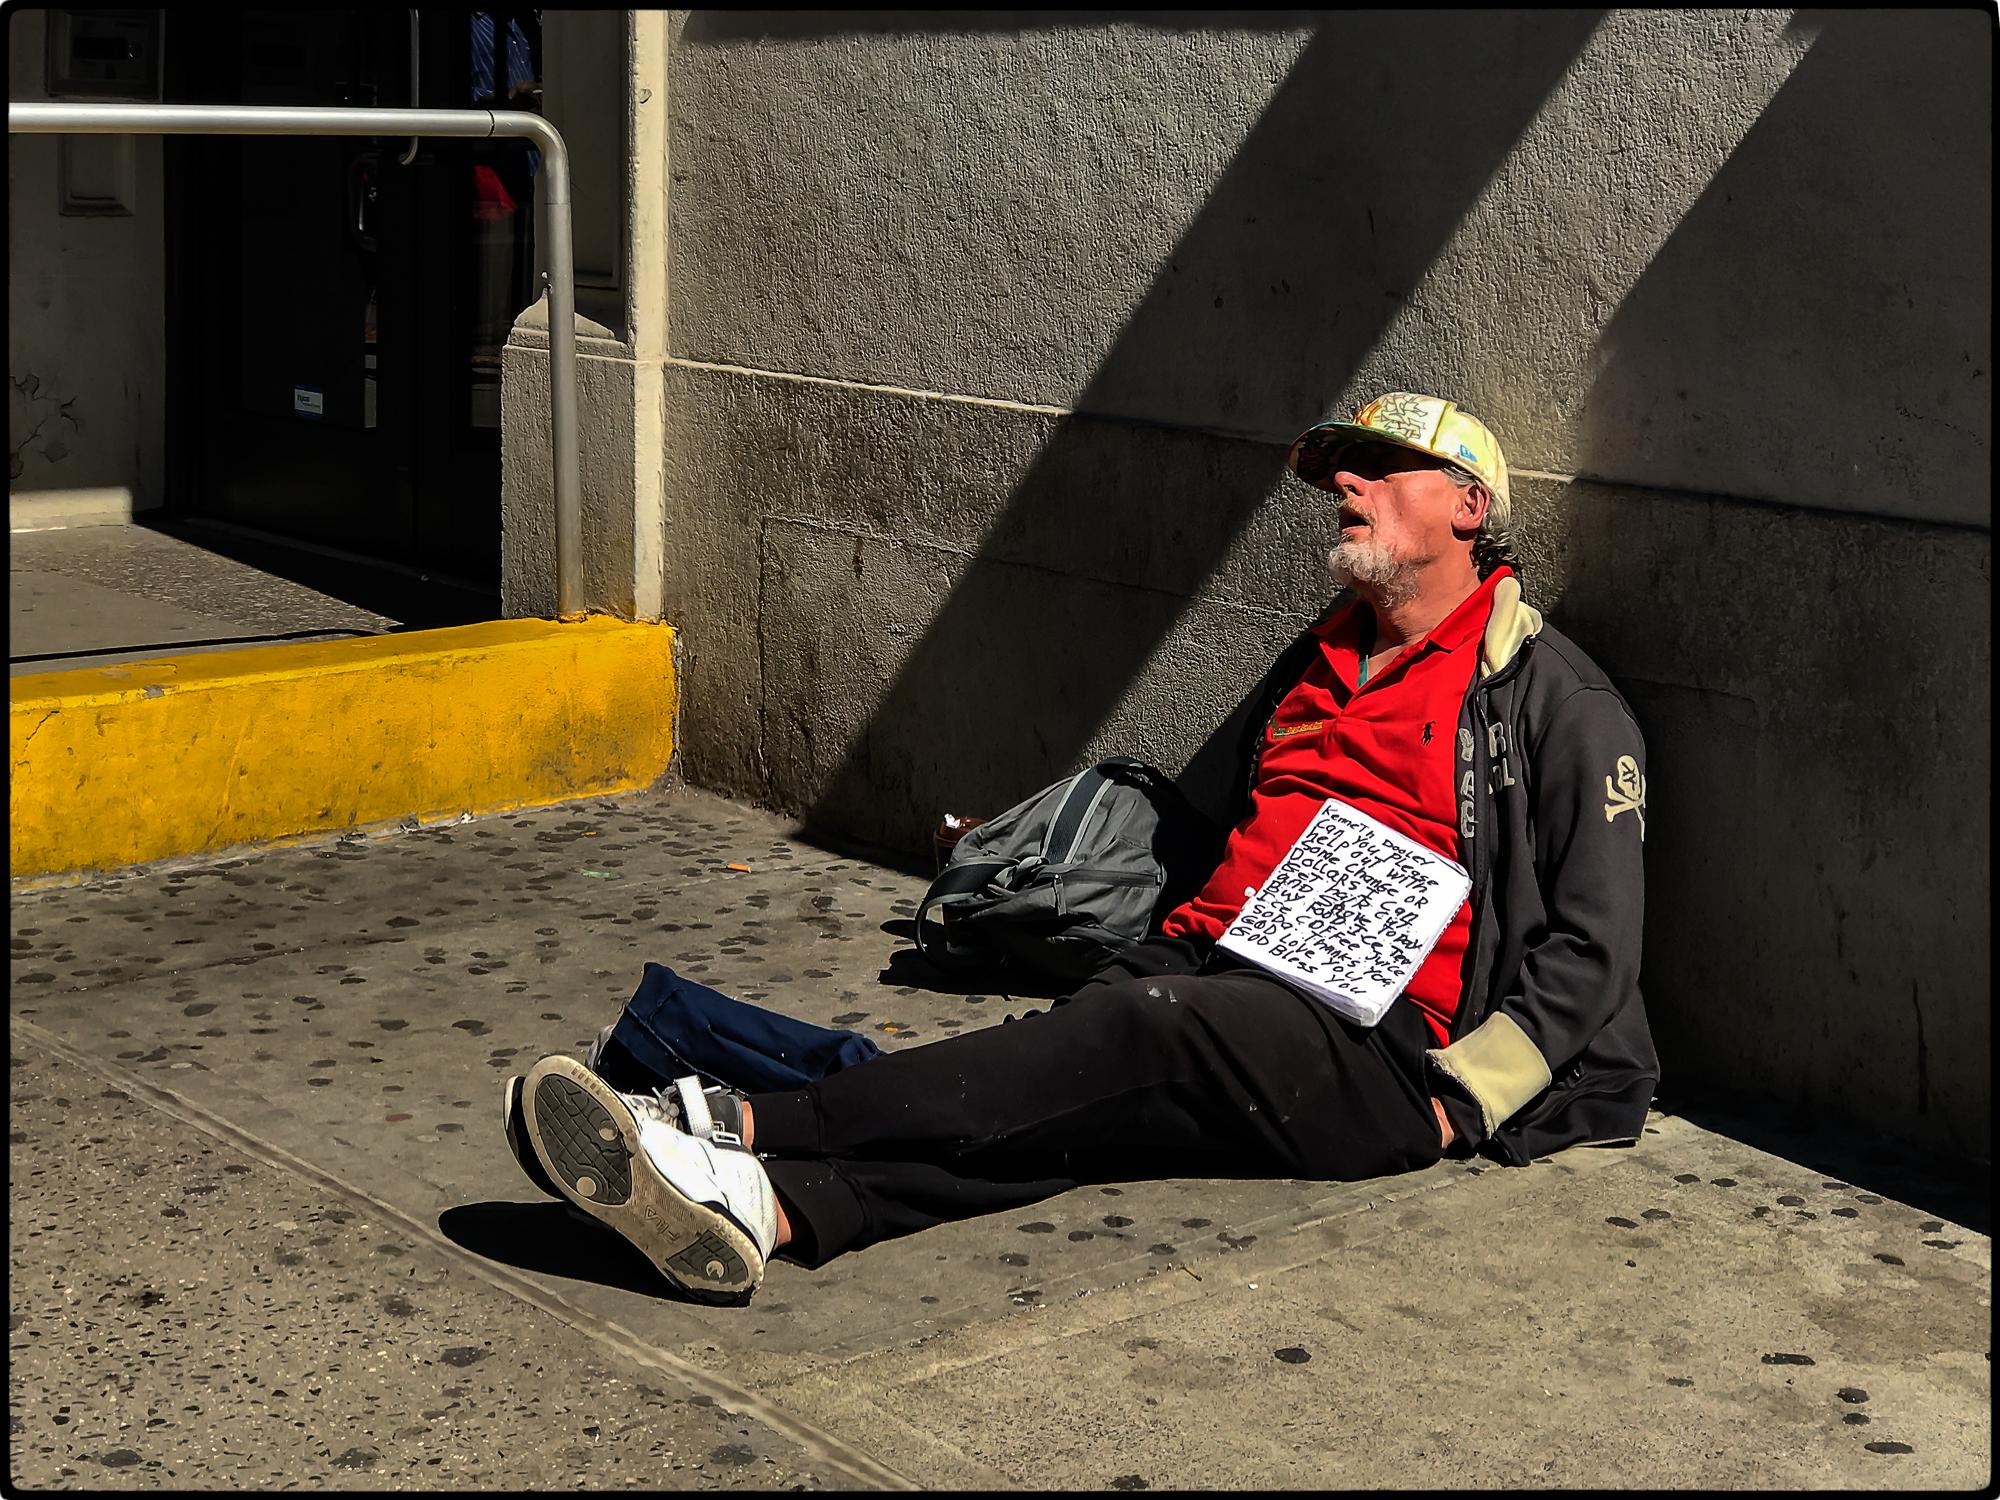 2017_04-Astoria-homeless-_02.jpg